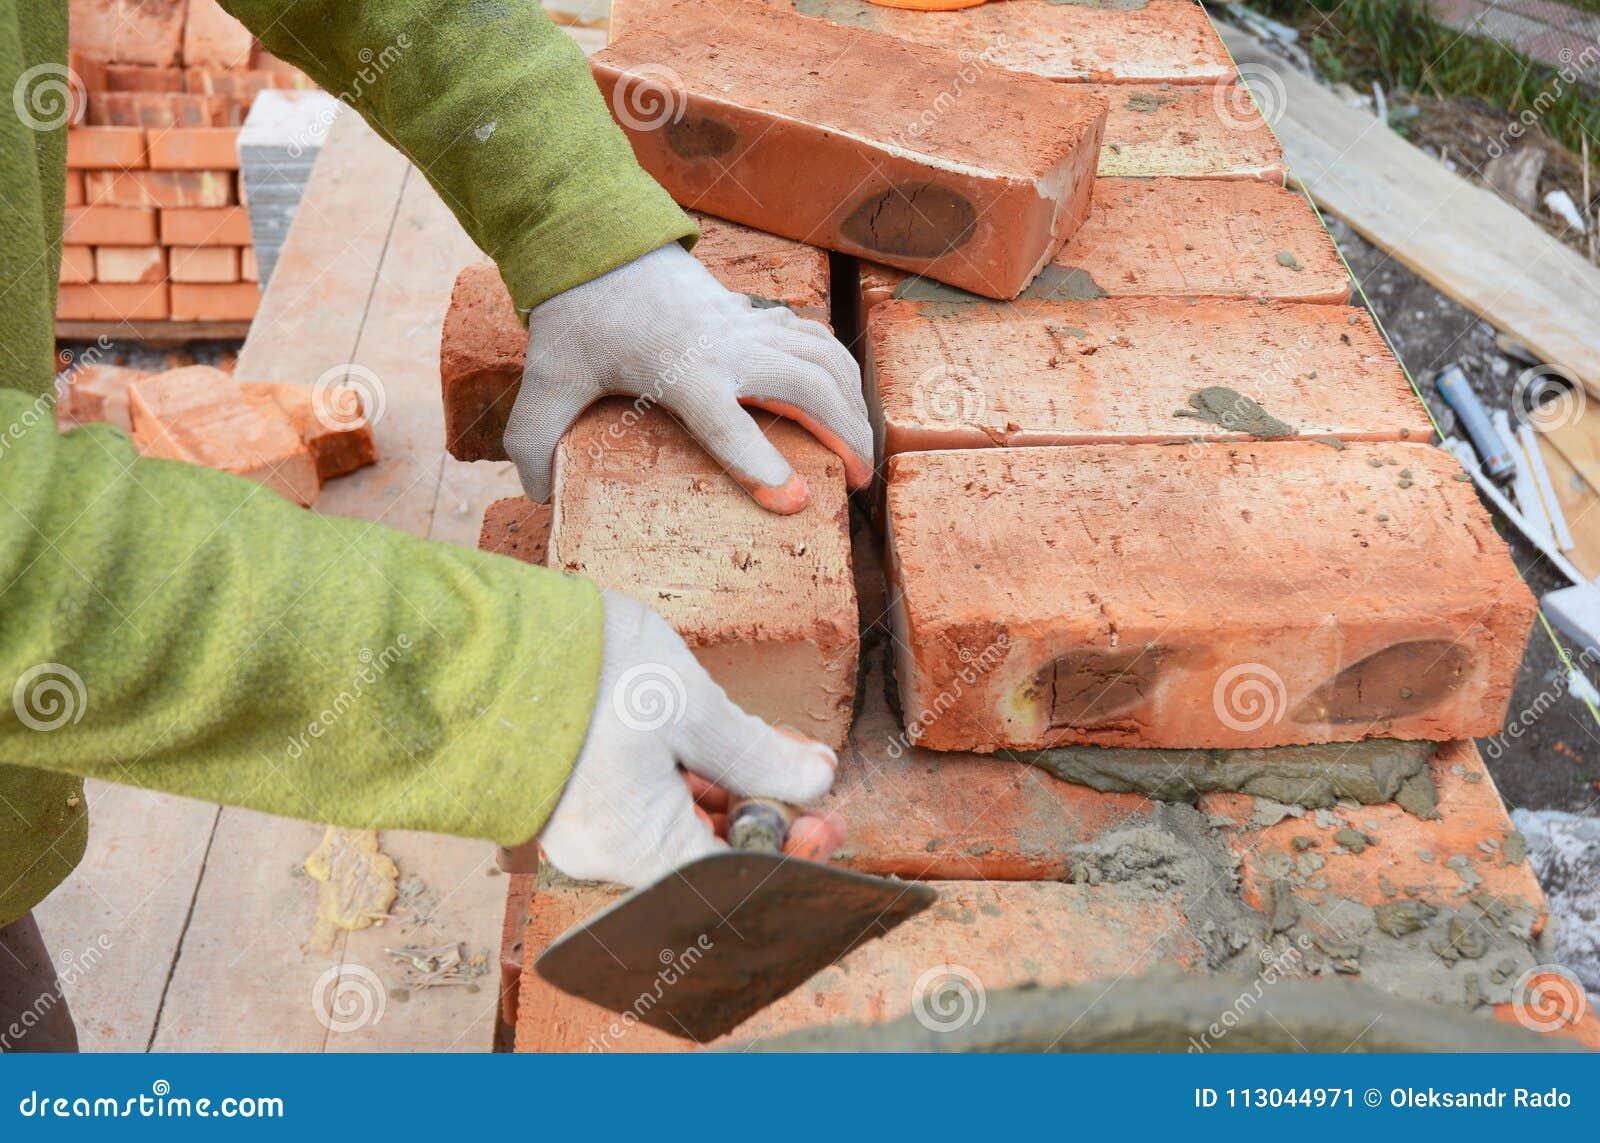 Mains de maçons dans la maçonnerie de gants de maçonnerie sur le chantier de construction de Chambre Maçonnerie, brique